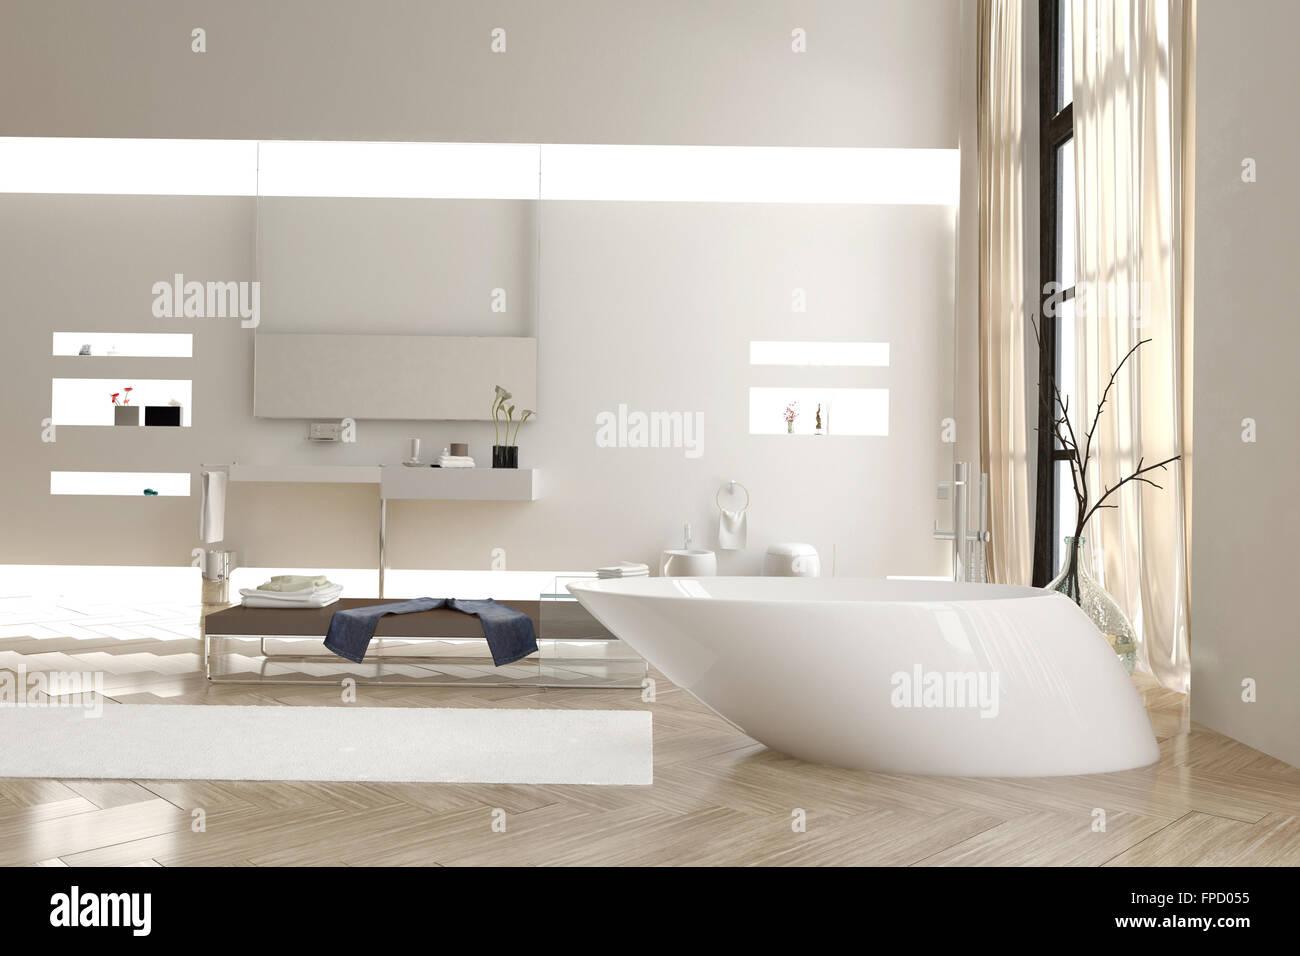 Vasca Da Bagno Volume : Bagno moderno con un funky vasca bianca e montati a parete unità